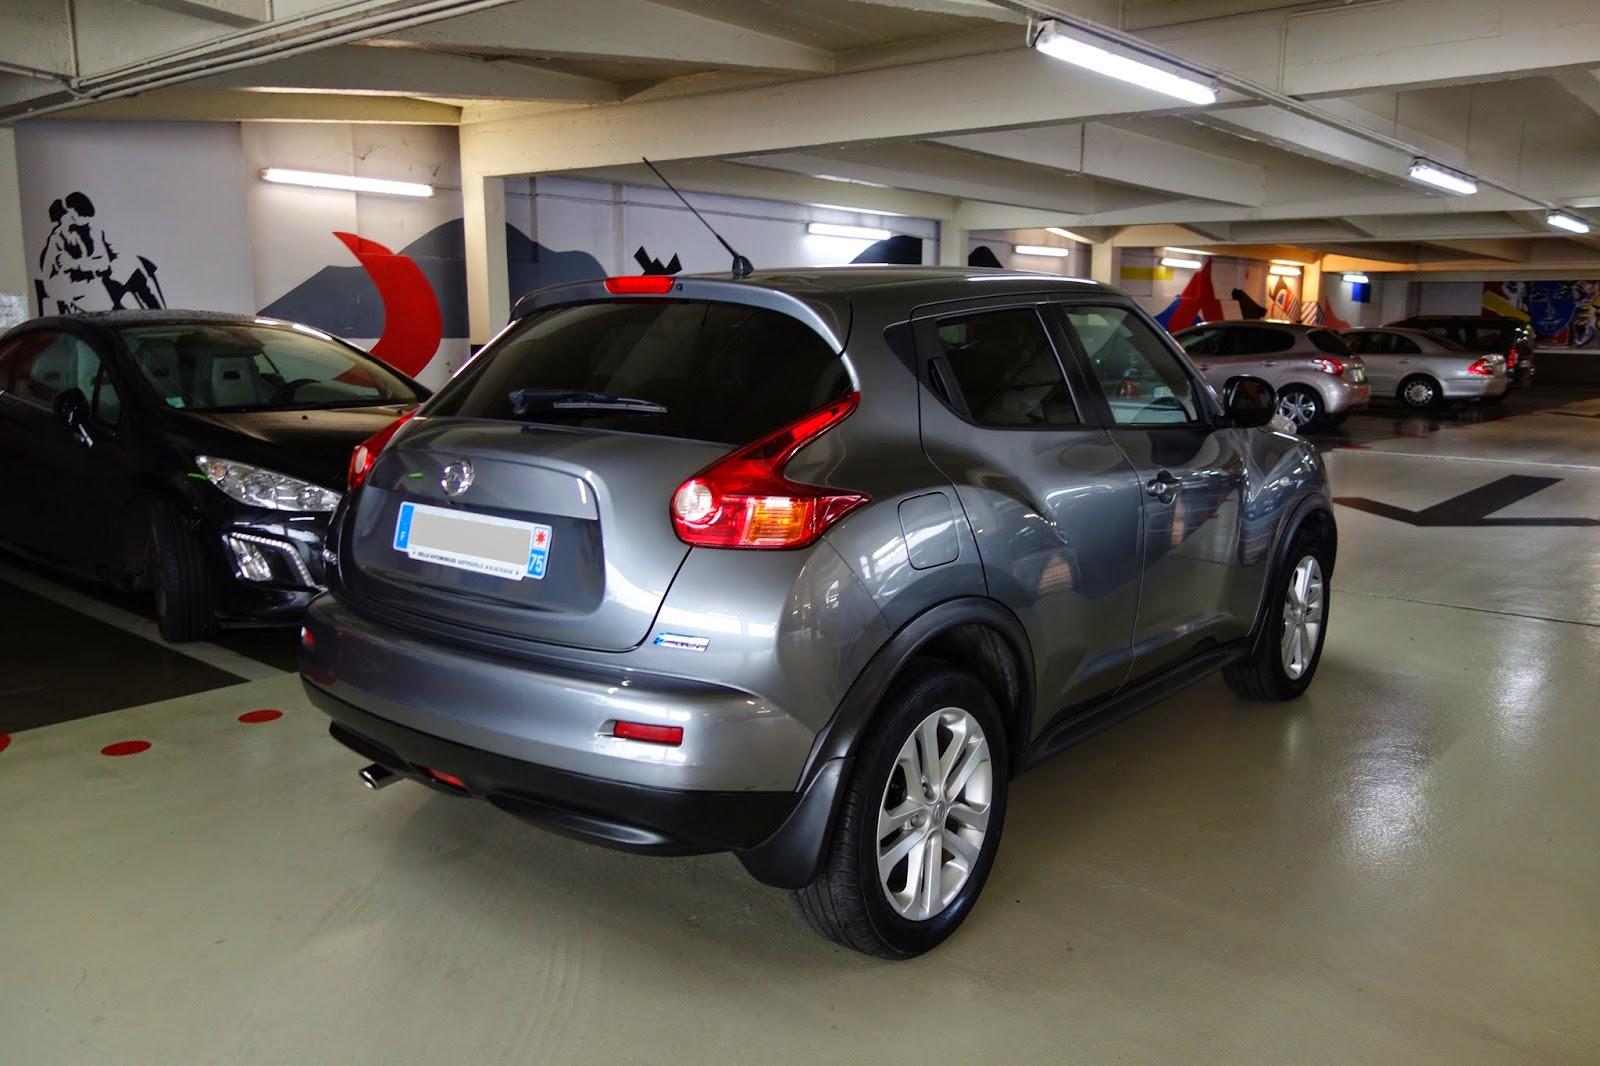 autocoach d p t vente automobile paris nissan juke 1 5l dci 110ch tekna 2011. Black Bedroom Furniture Sets. Home Design Ideas